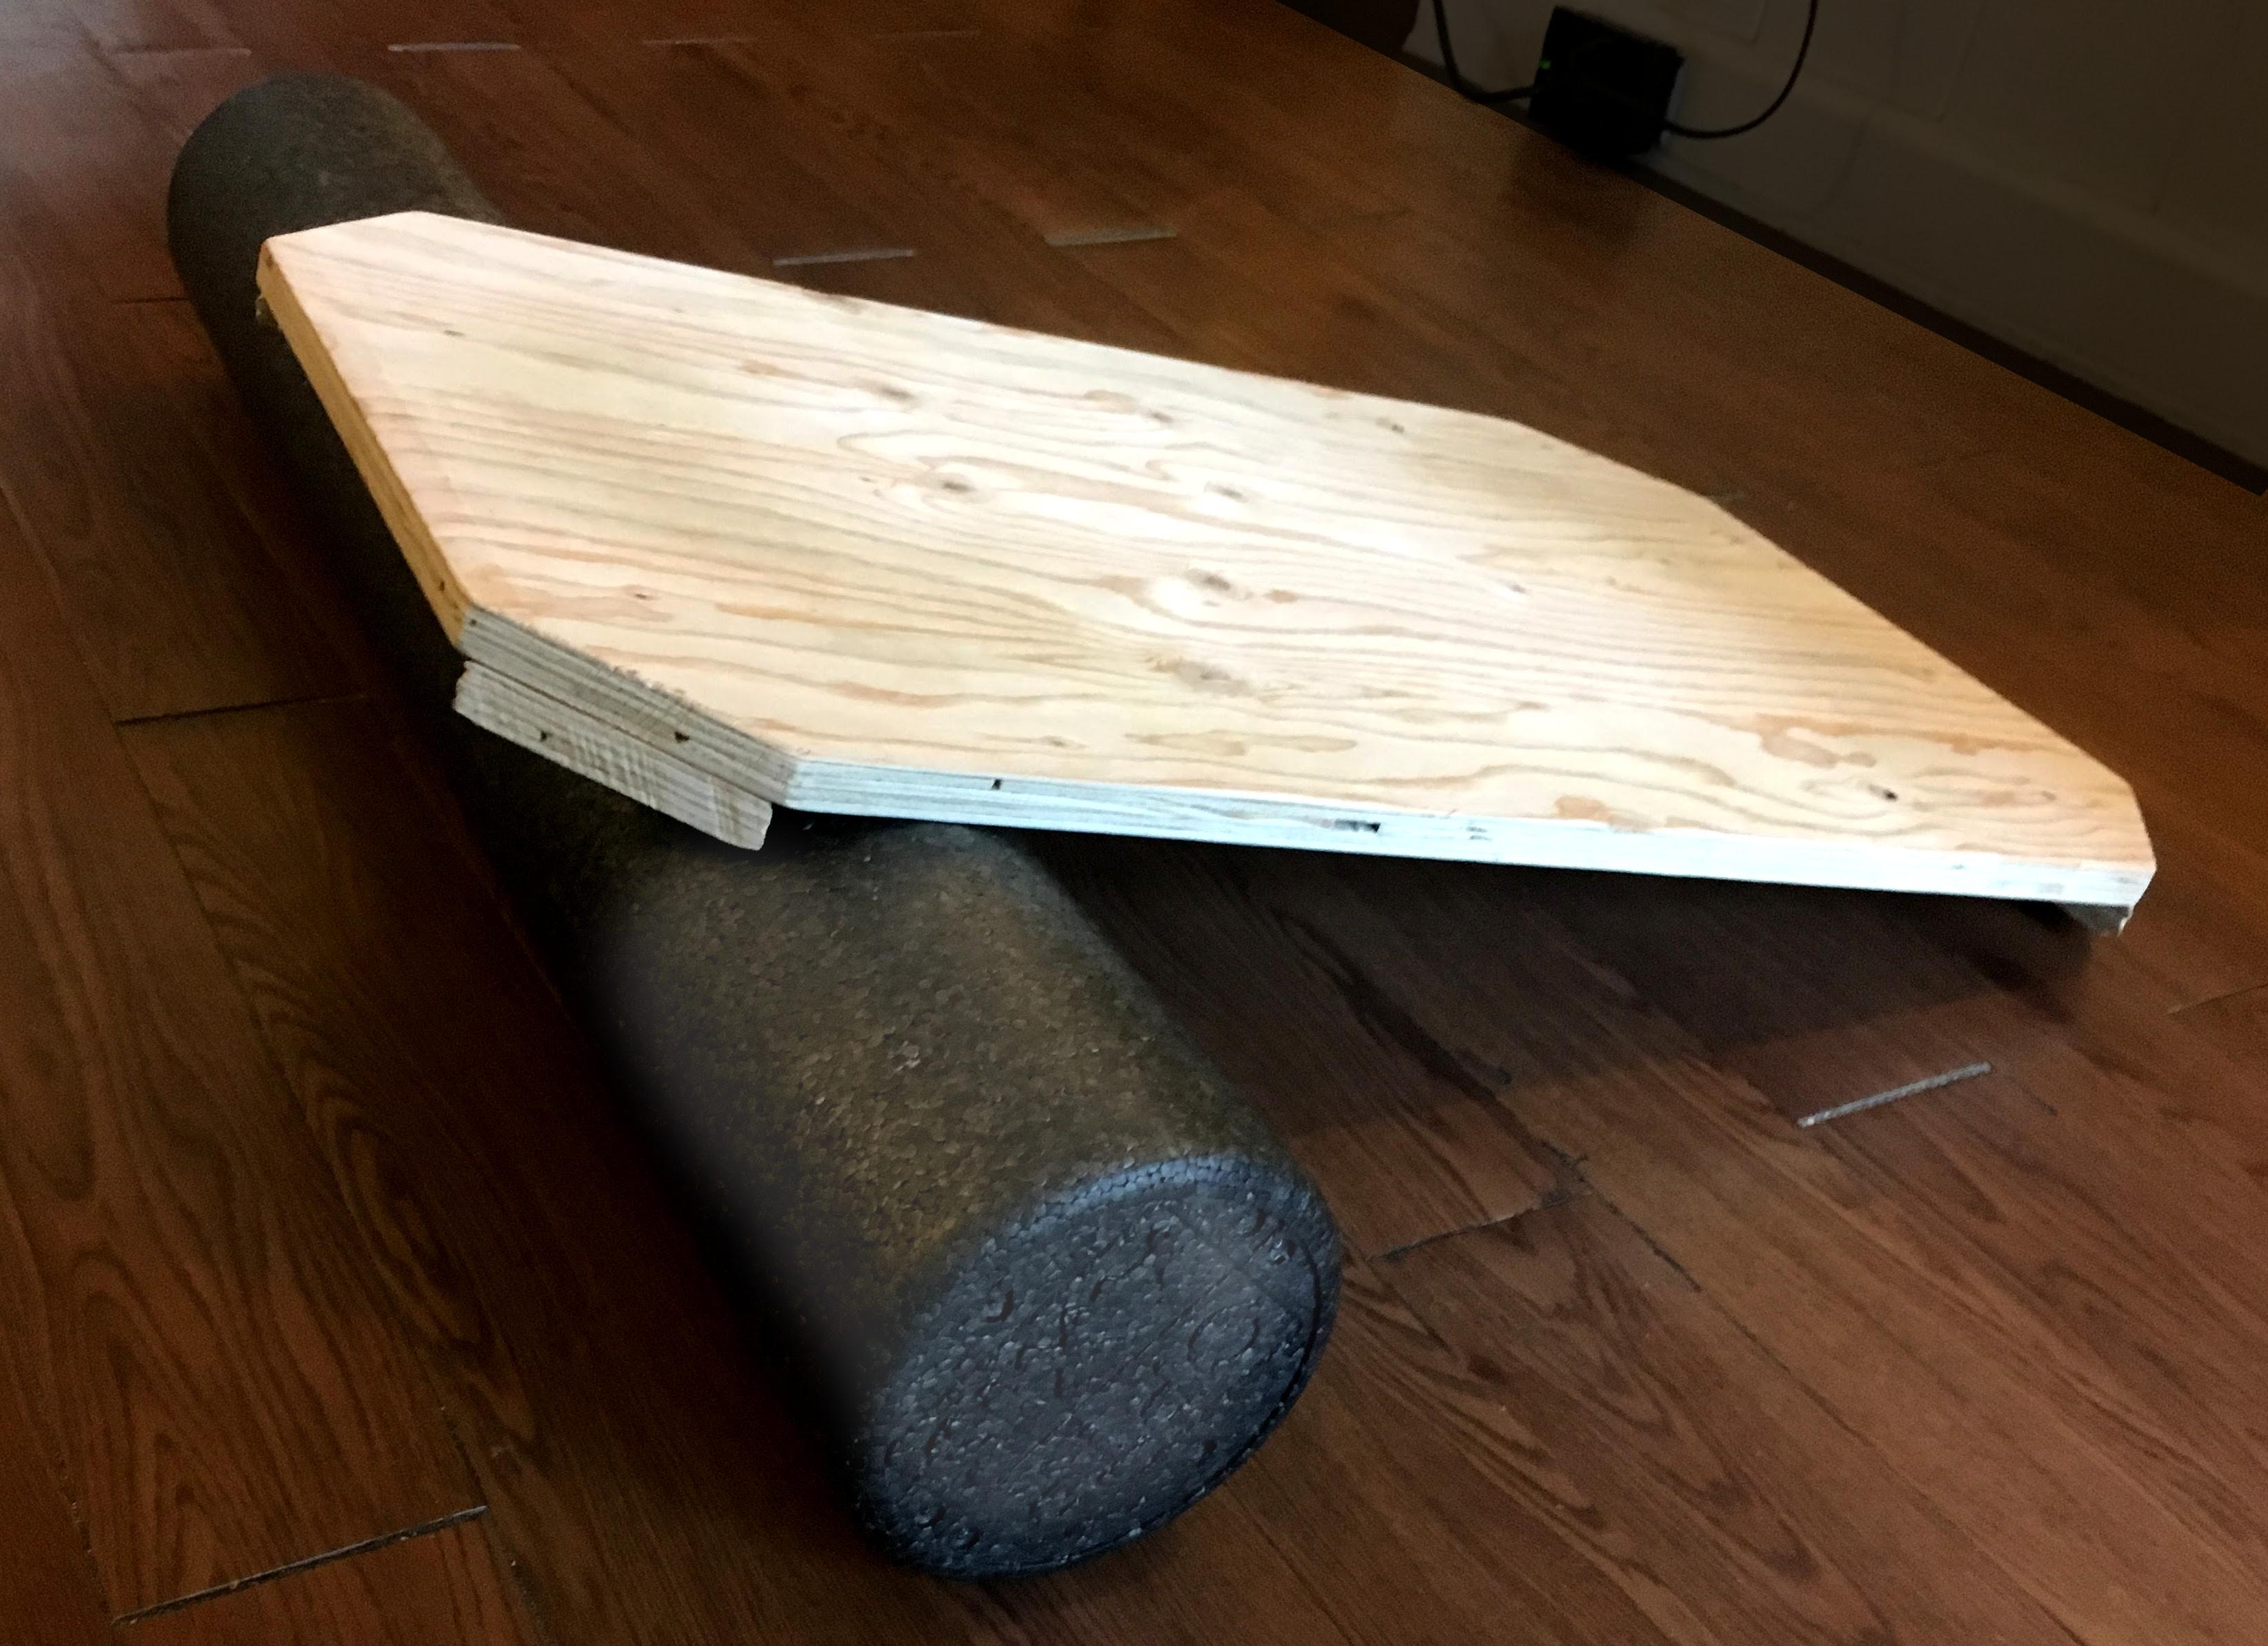 Diy Balance Board Build An Indo Board At Home Stoke Drift